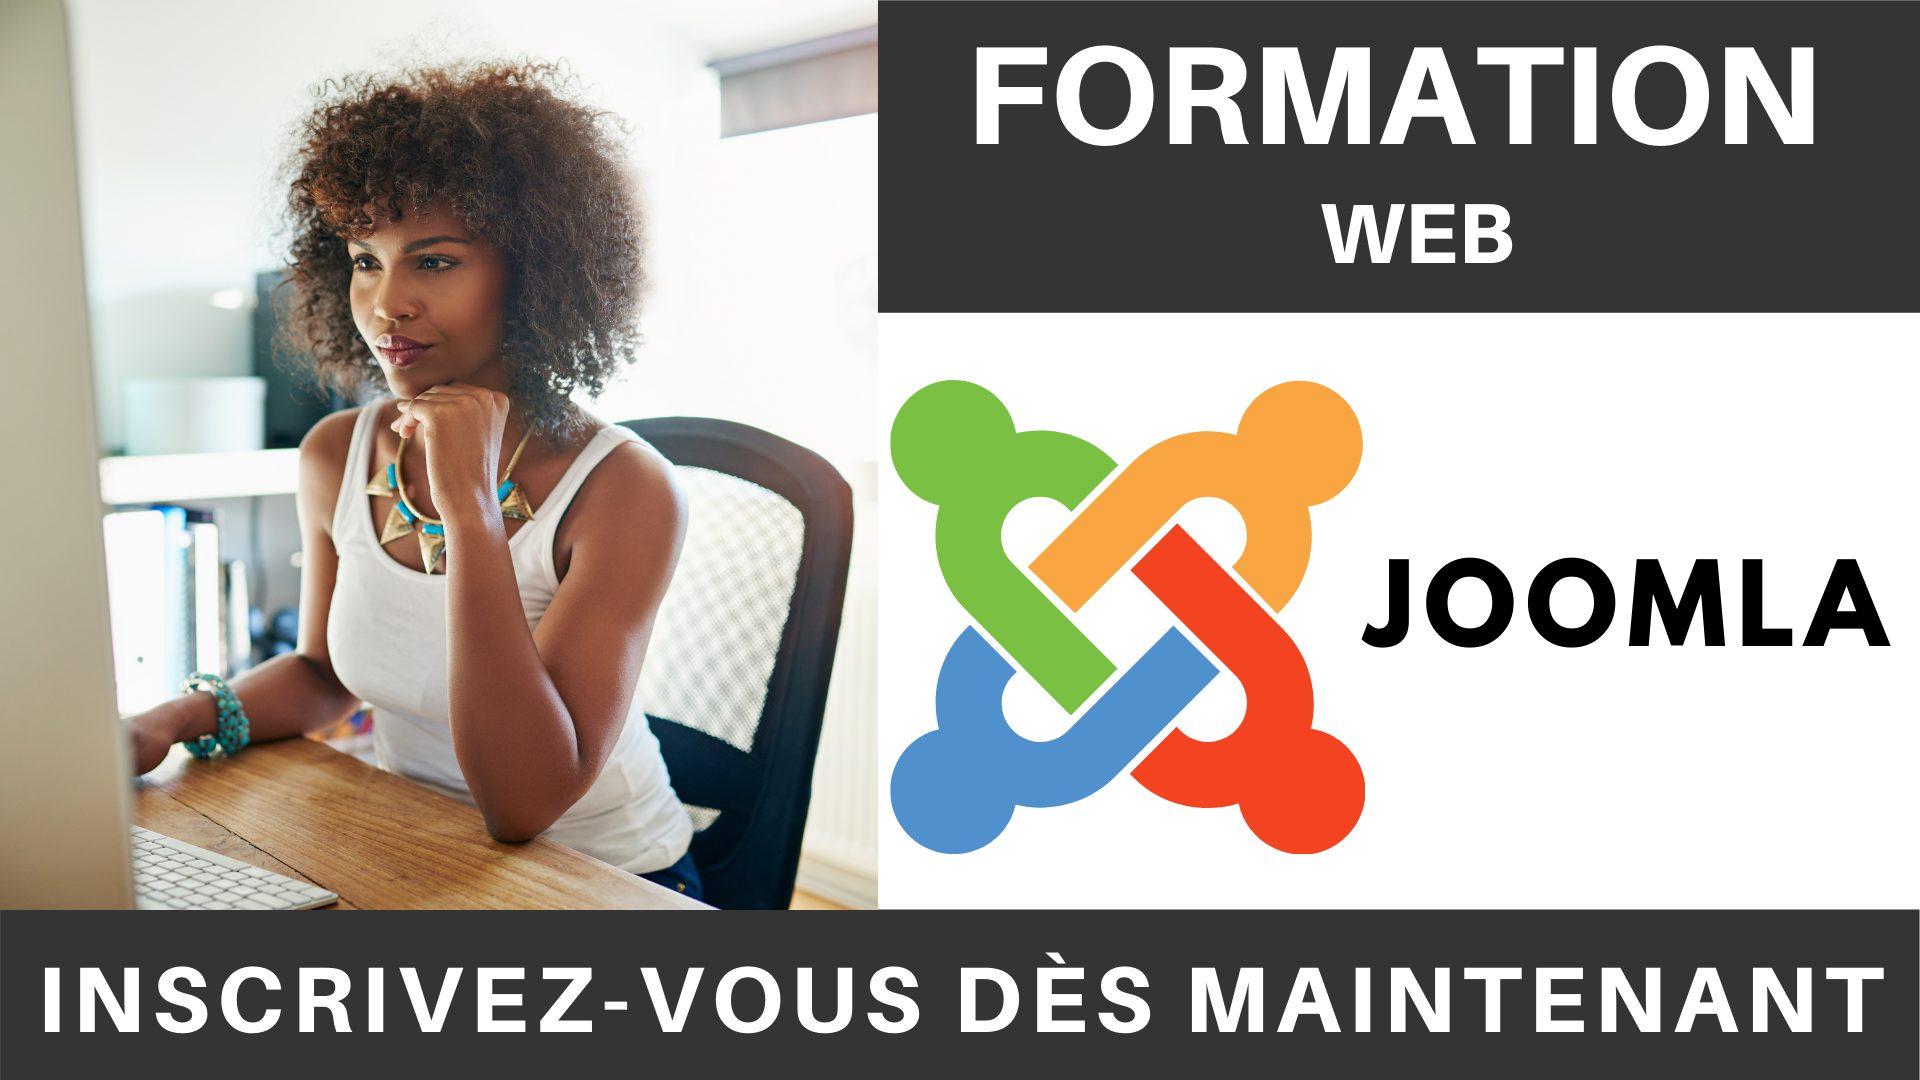 Formation WEB - Joomla